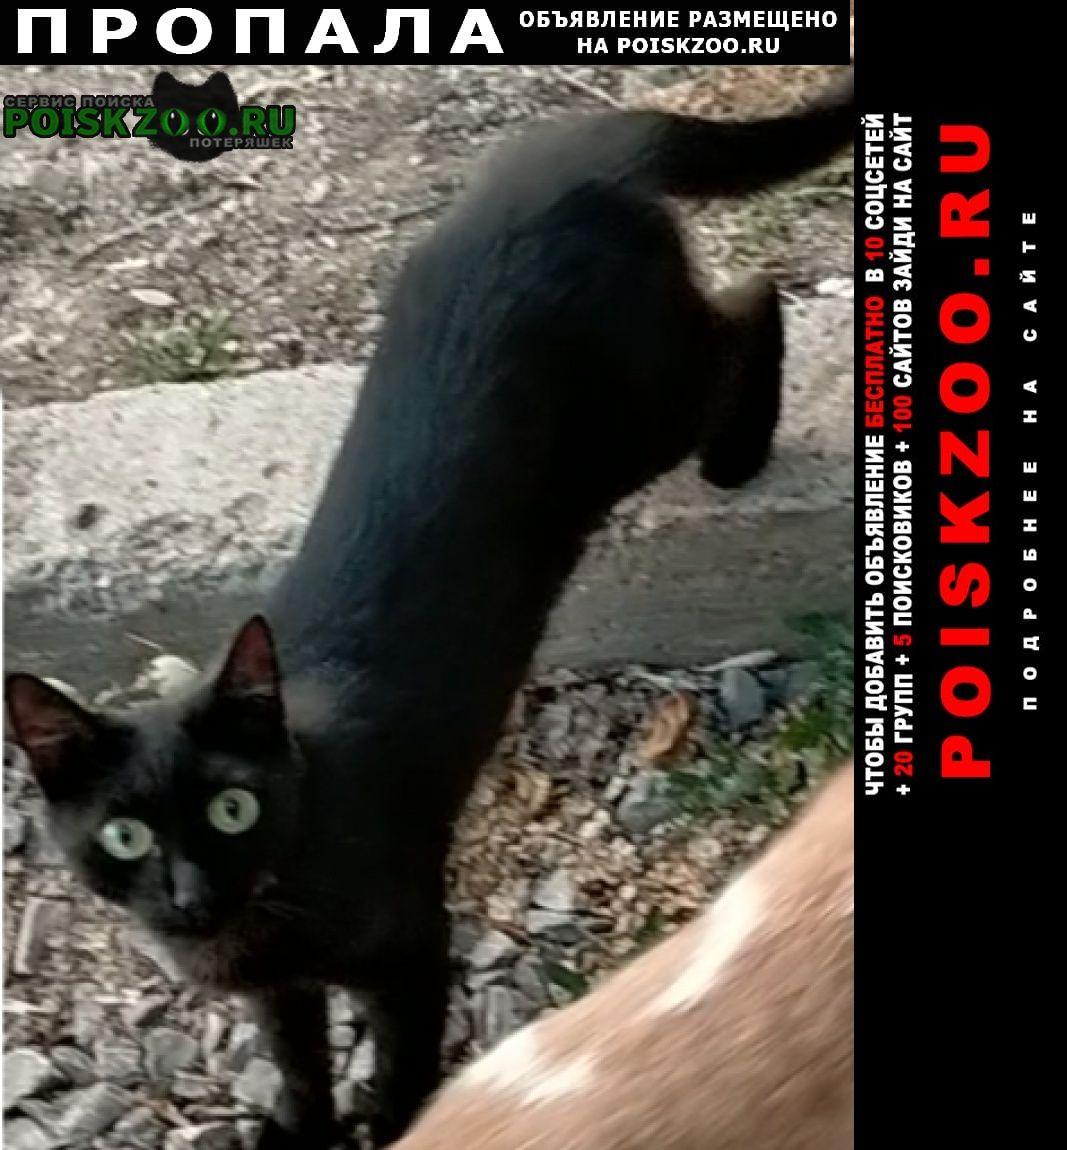 Пропала кошка в районе зубово под уфой Уфа